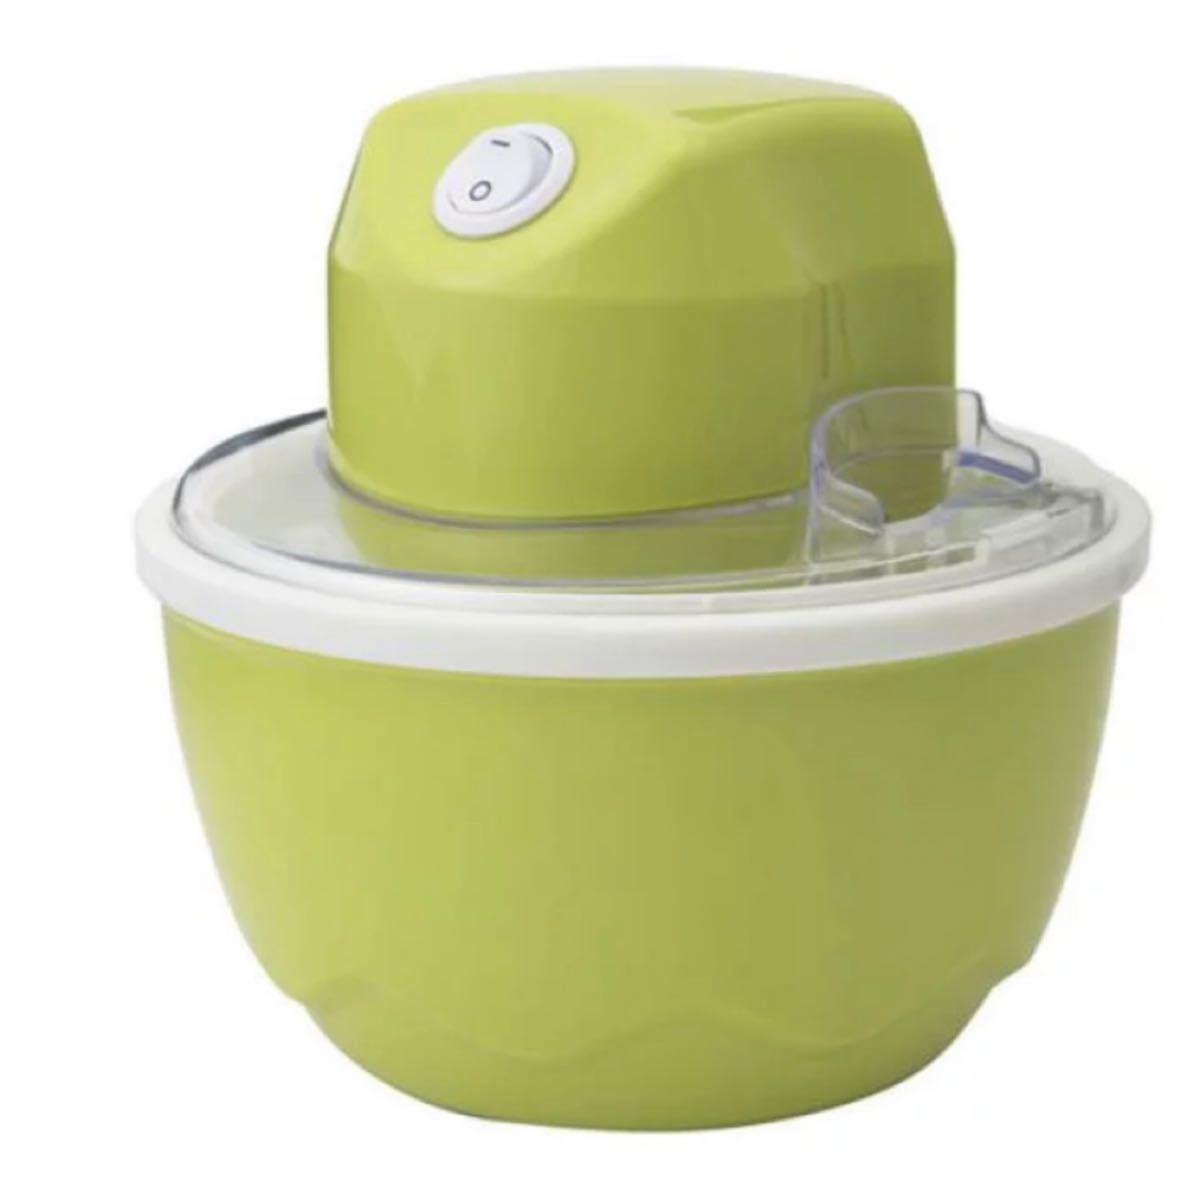 アイスクリームメーカー&フローズンメーカーセット